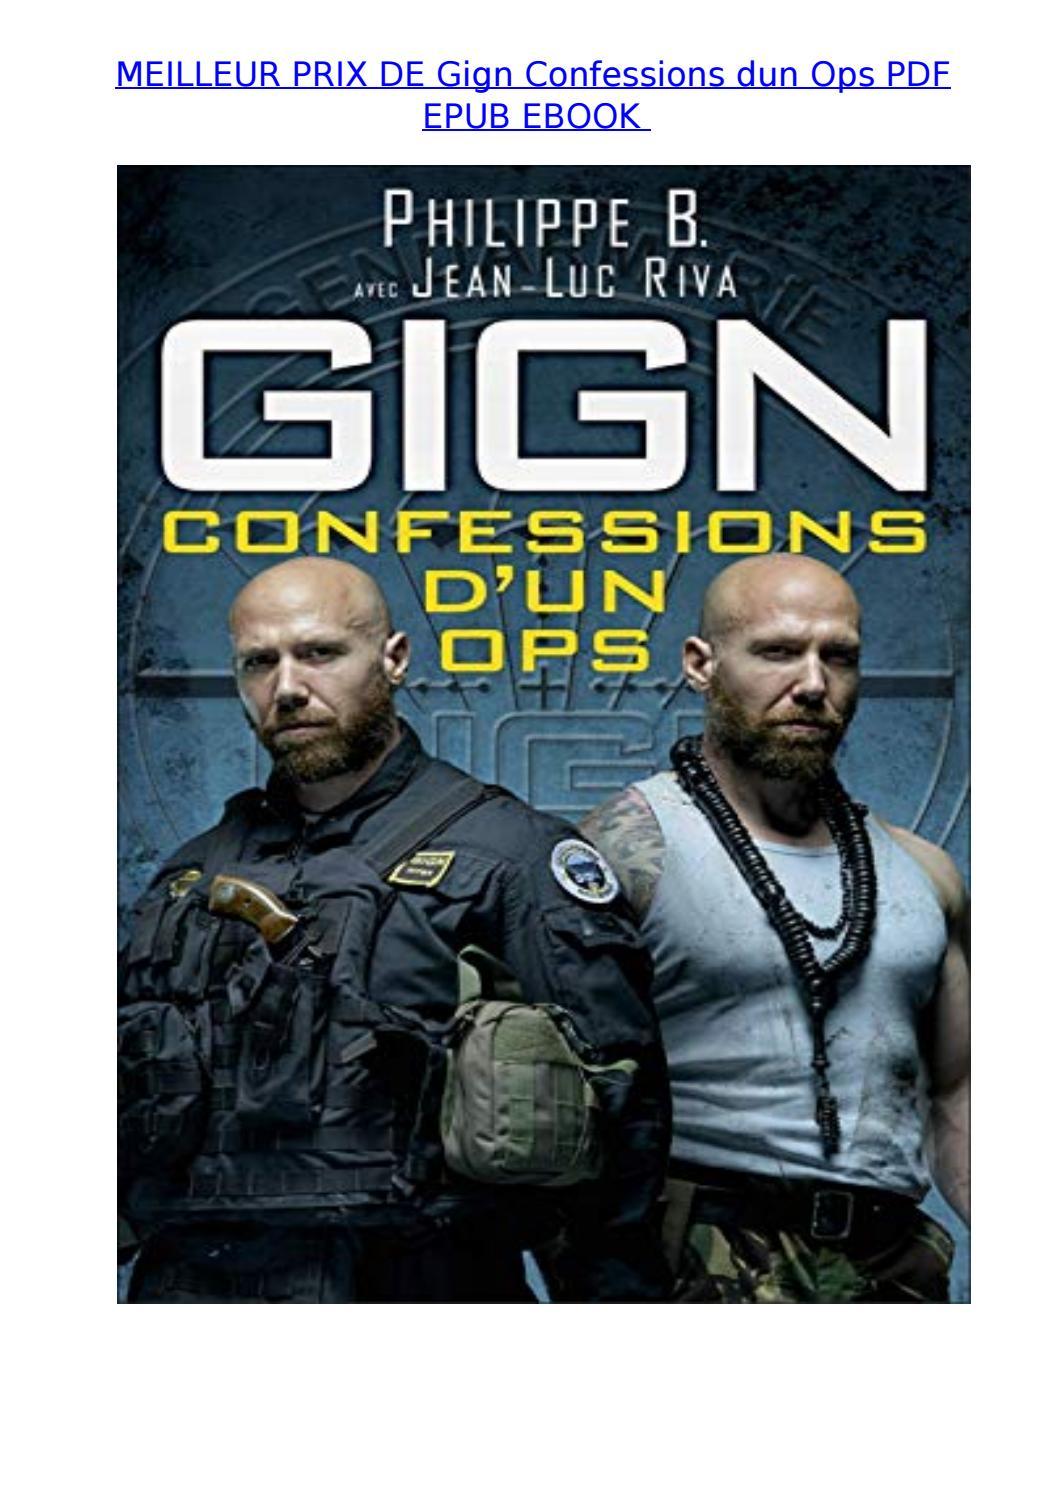 Meilleur Prix De Gign Confessions Dun Ops Pdf Epub Ebook By